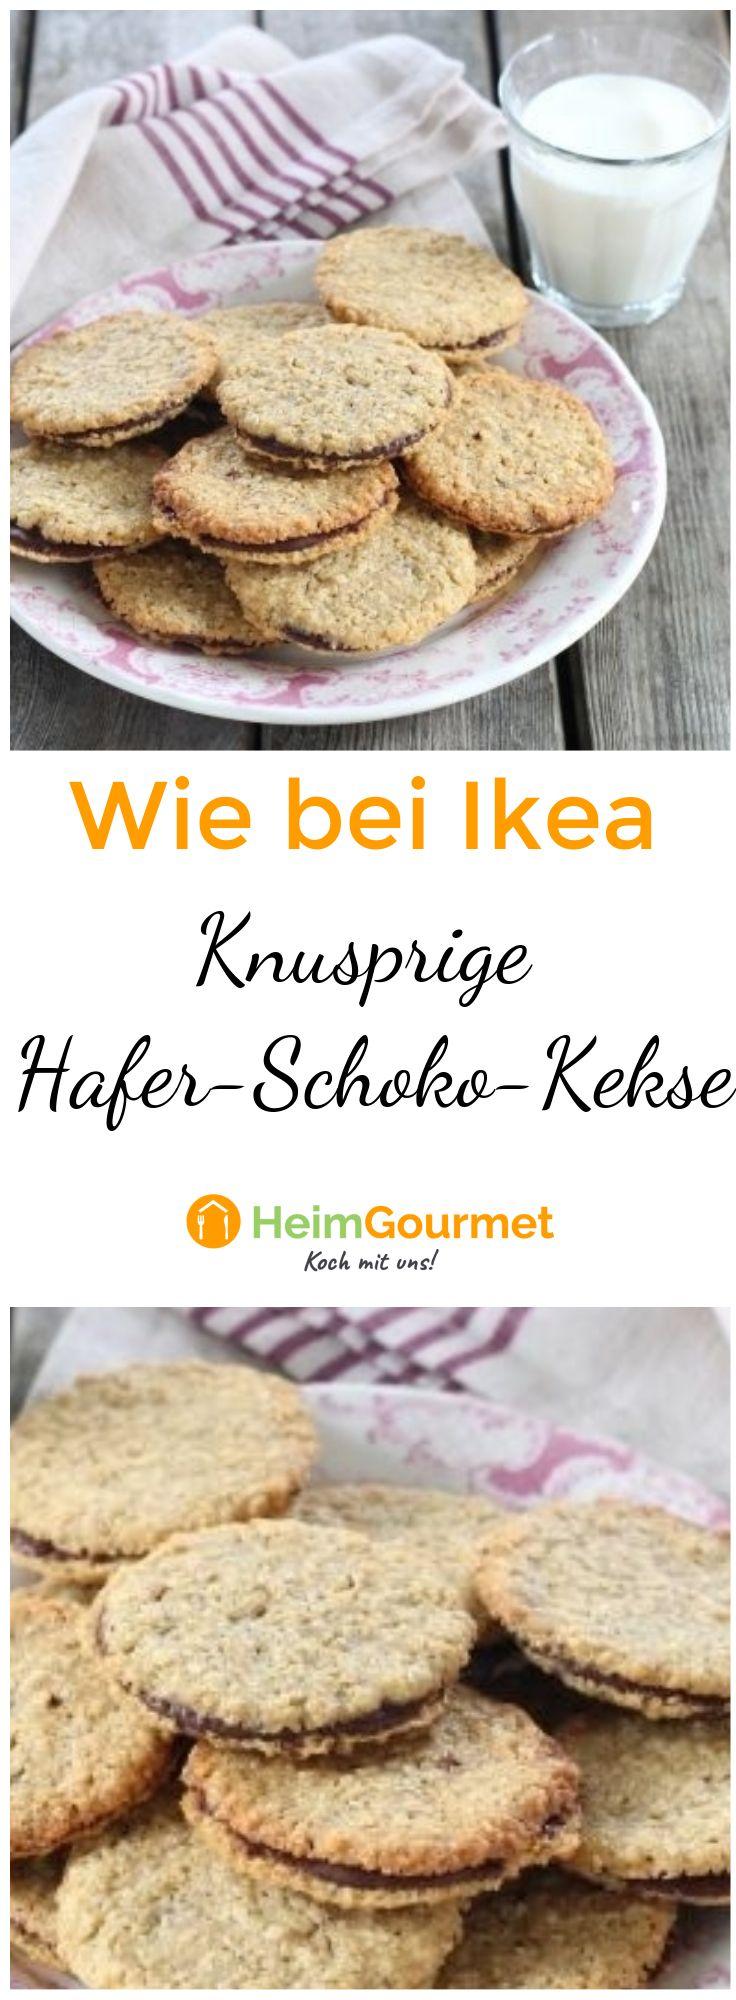 Knusprige Hafer Schokokekse Wie Bei Ikea